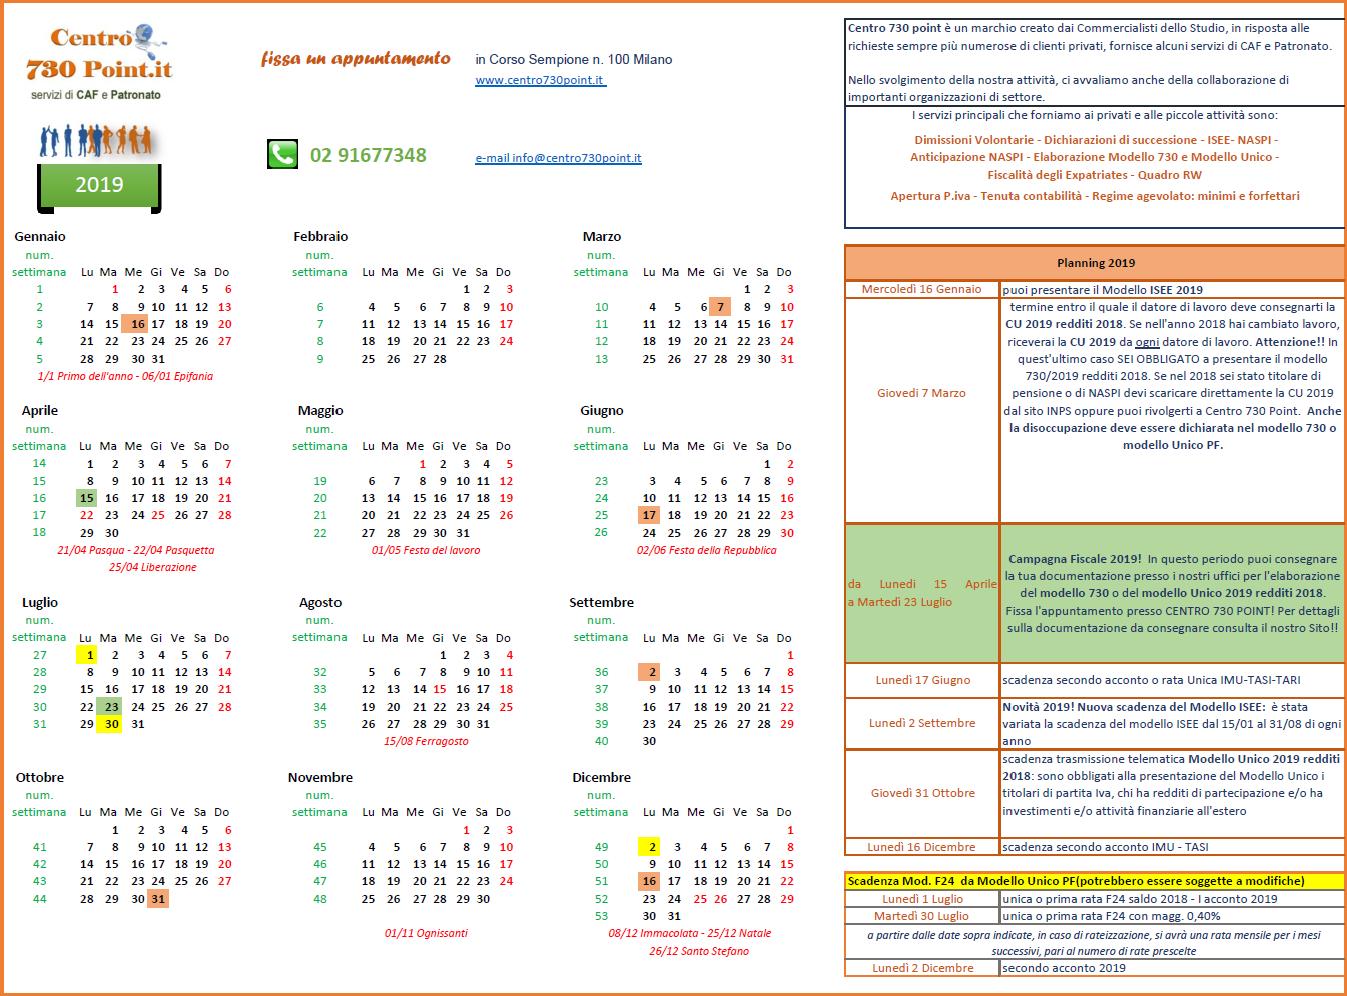 Calendario Fiscale.Calendario Fiscale 2019 Quali Scadenze Ci Sono Nel 2019